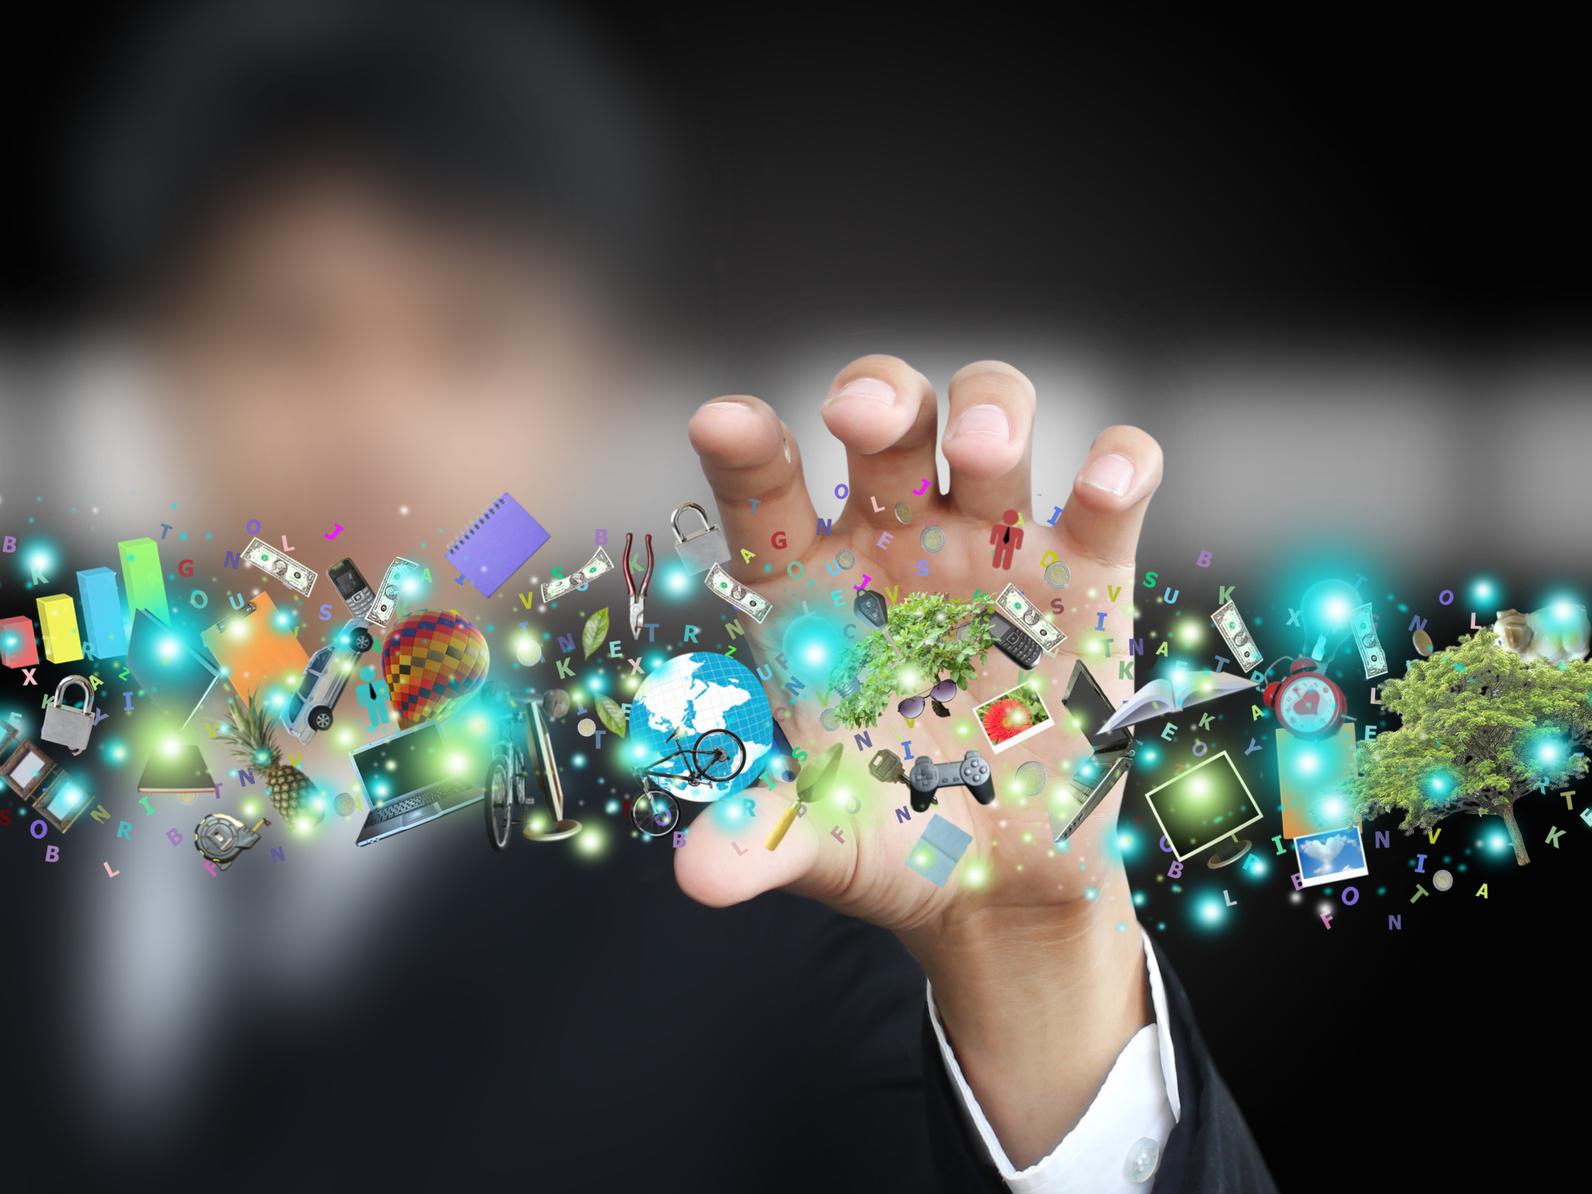 Ser protagonista en el mundo digital